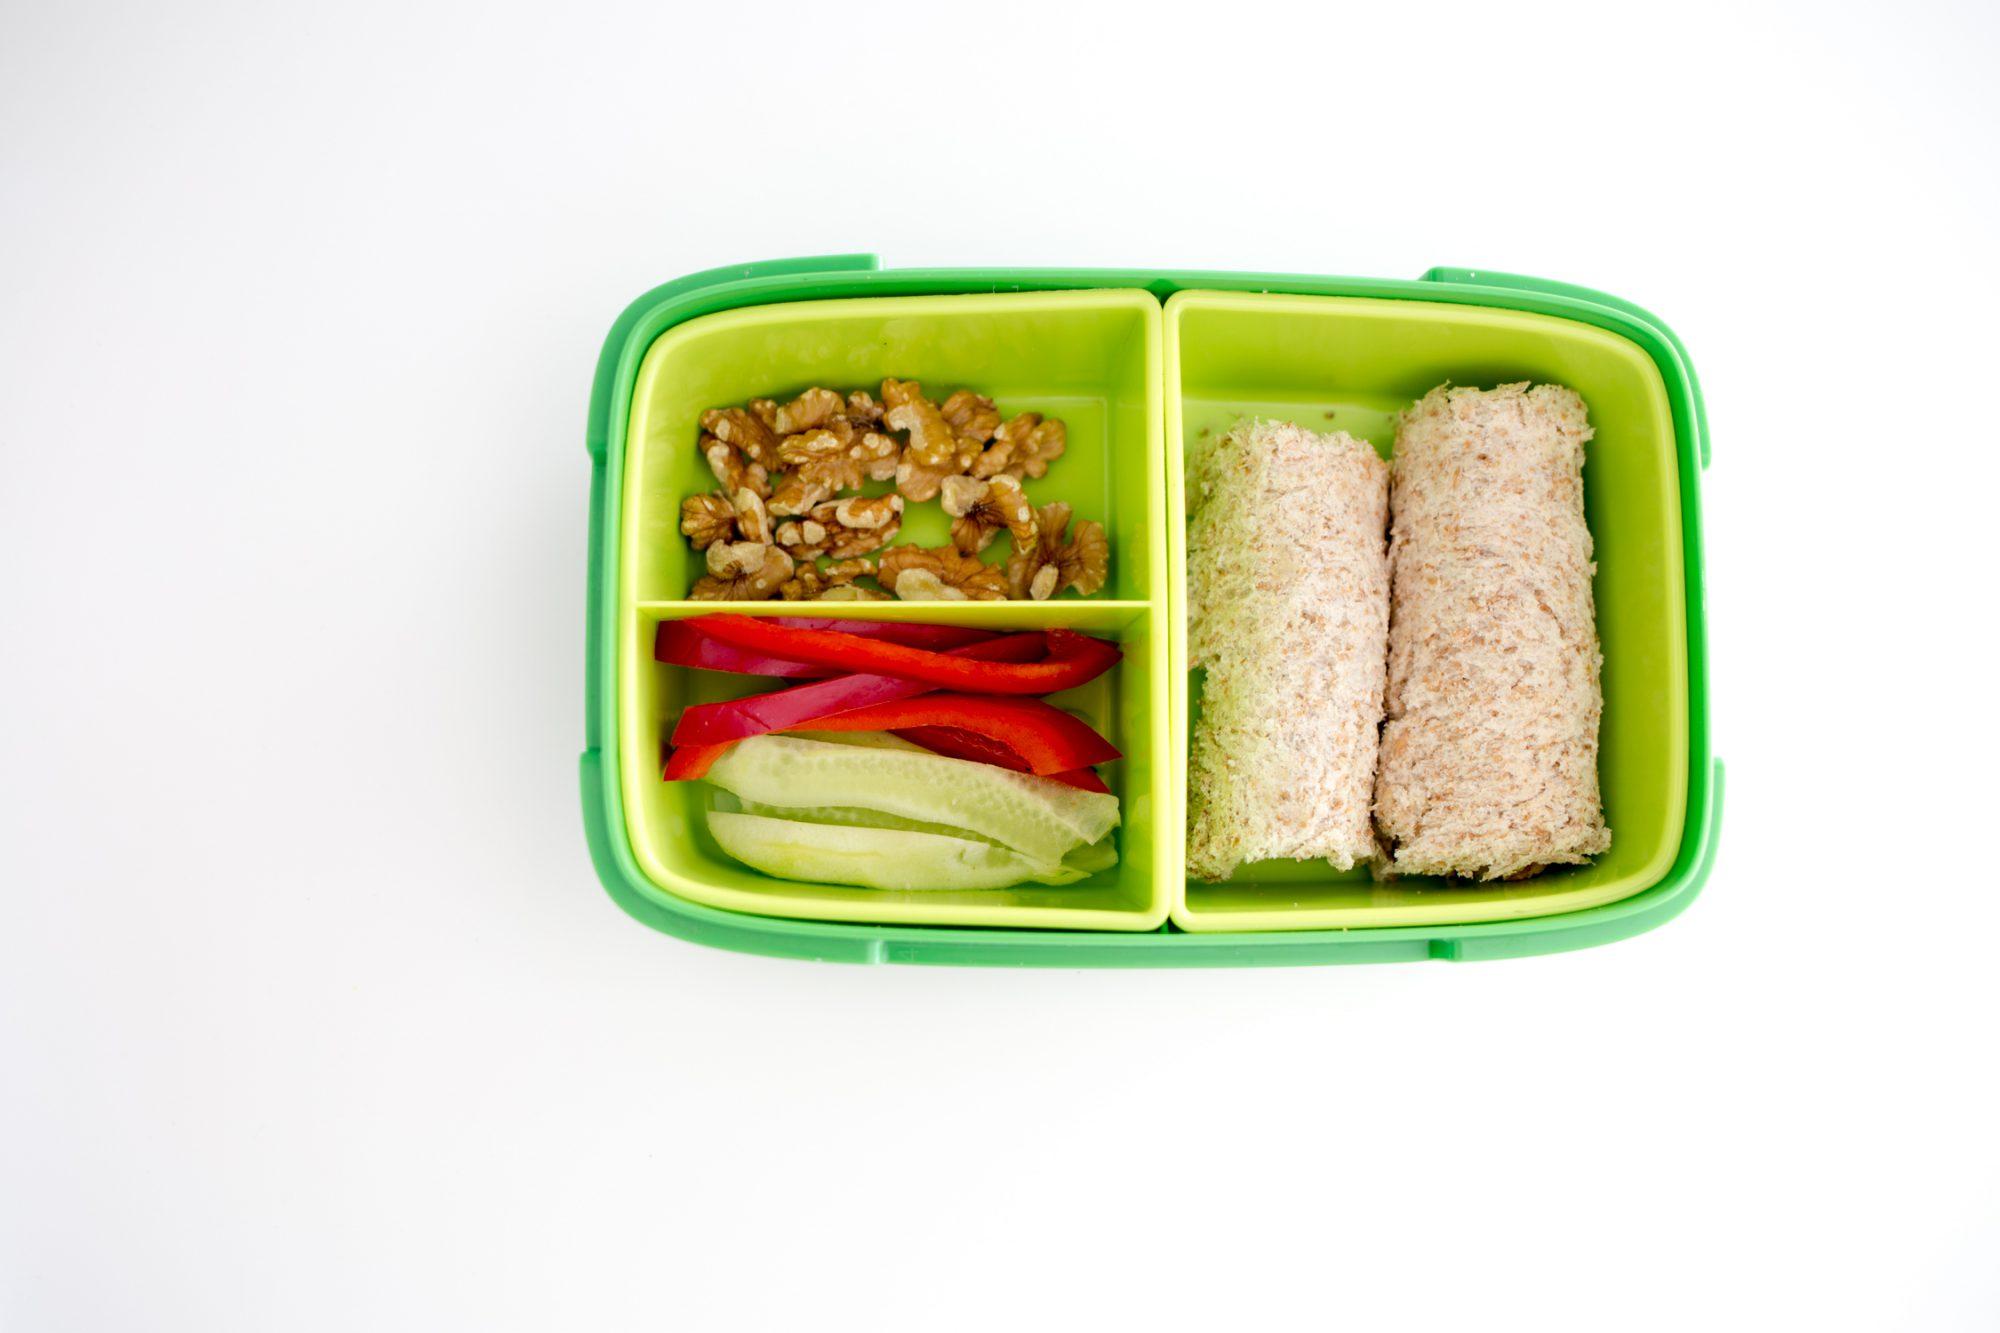 Szybkie pomysły na drugie śniadanie do szkoły lub pracy